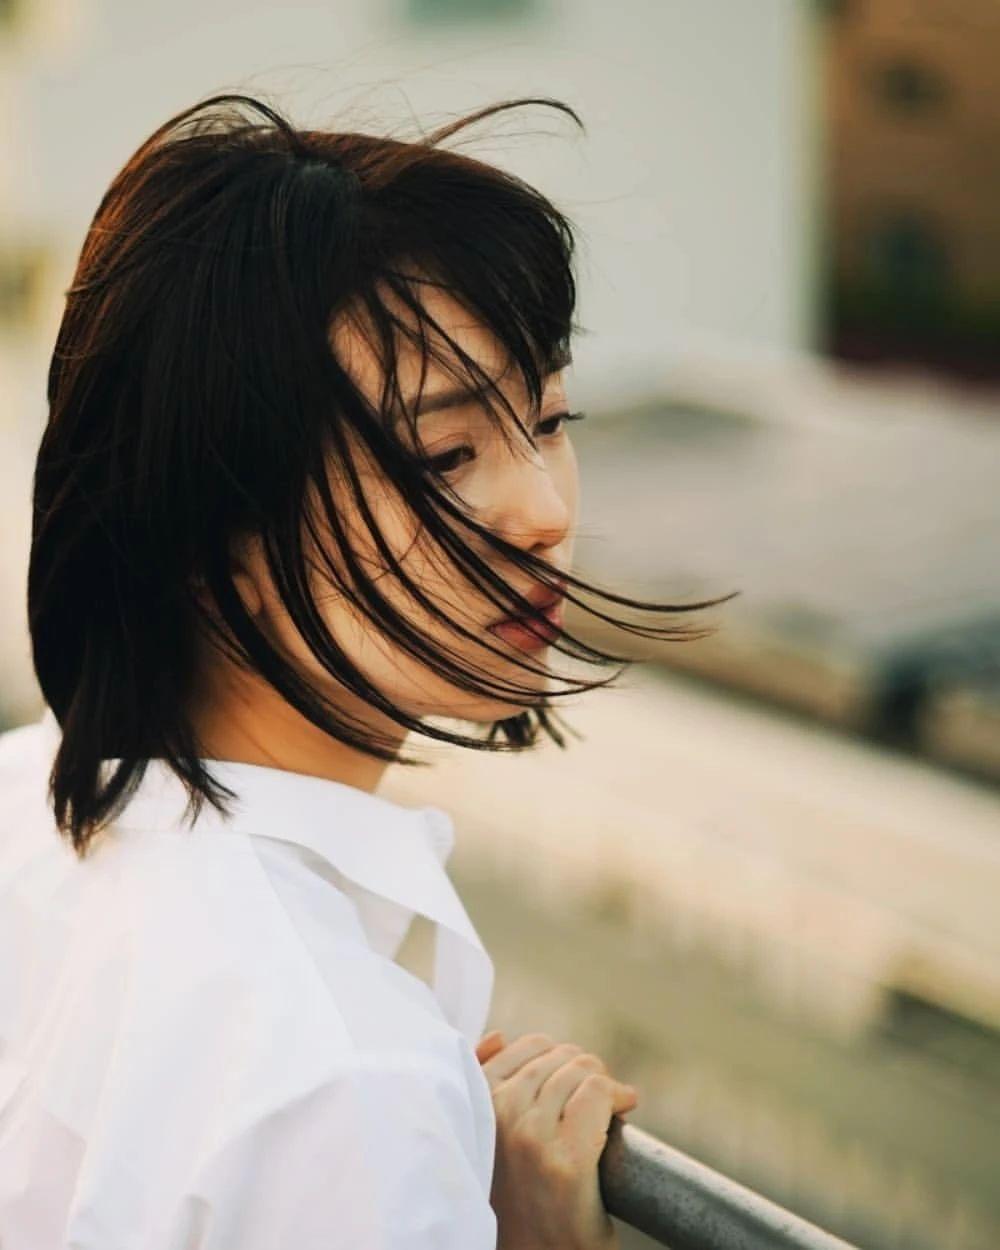 永远一张娃娃脸的棉花糖女孩弘中绫香写真作品 (89)